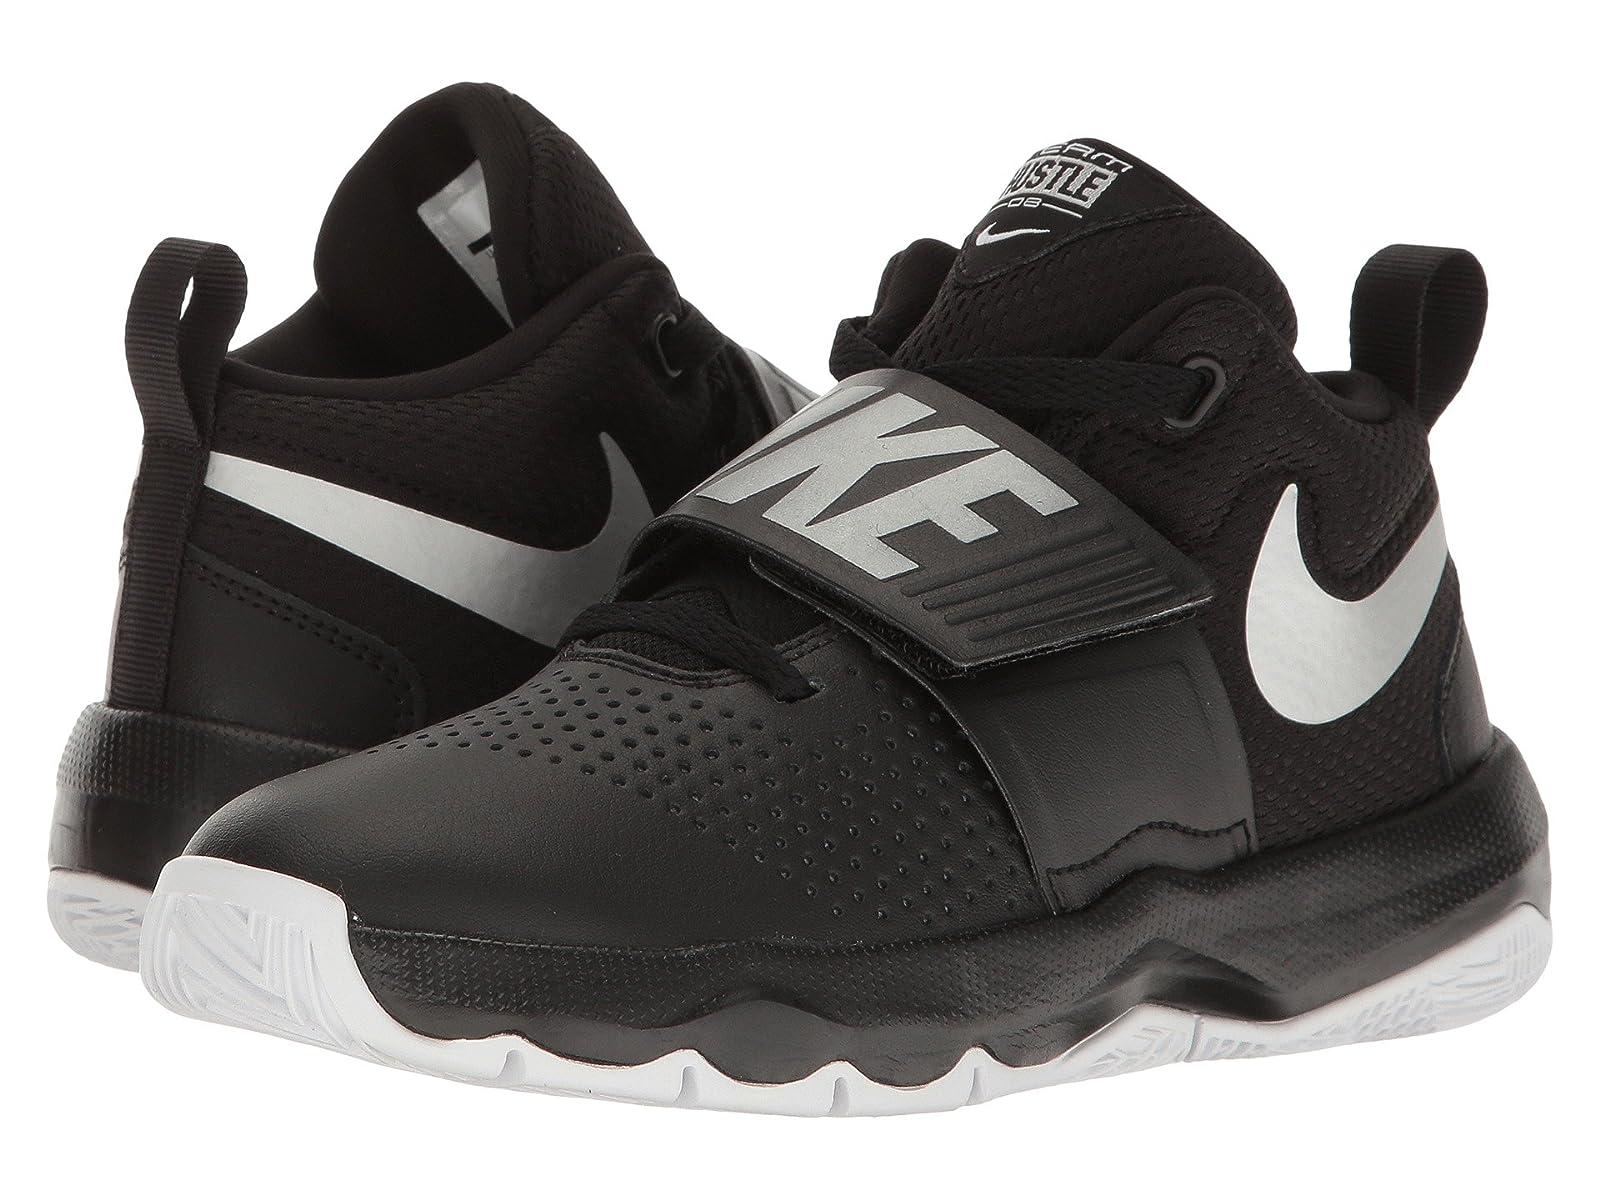 Nike Kids Team Hustle D8 (Big Kid)Atmospheric grades have affordable shoes